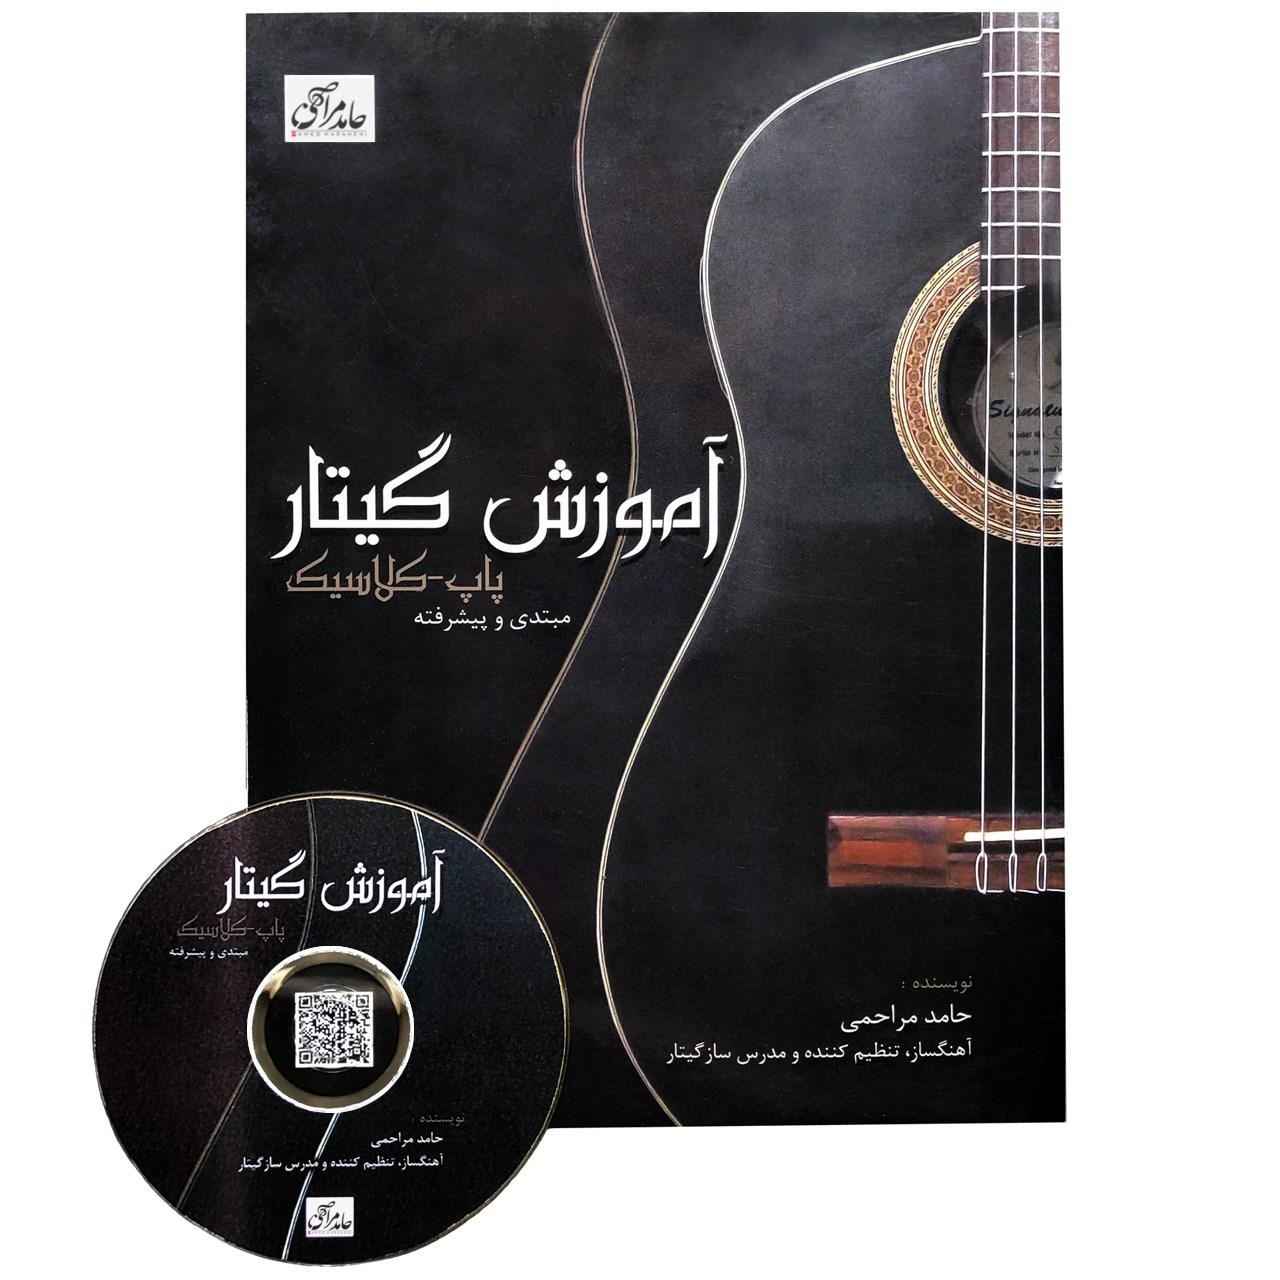 کتاب آموزش گیتار مبتدی و پیشرفته اثر حامد مراحمی